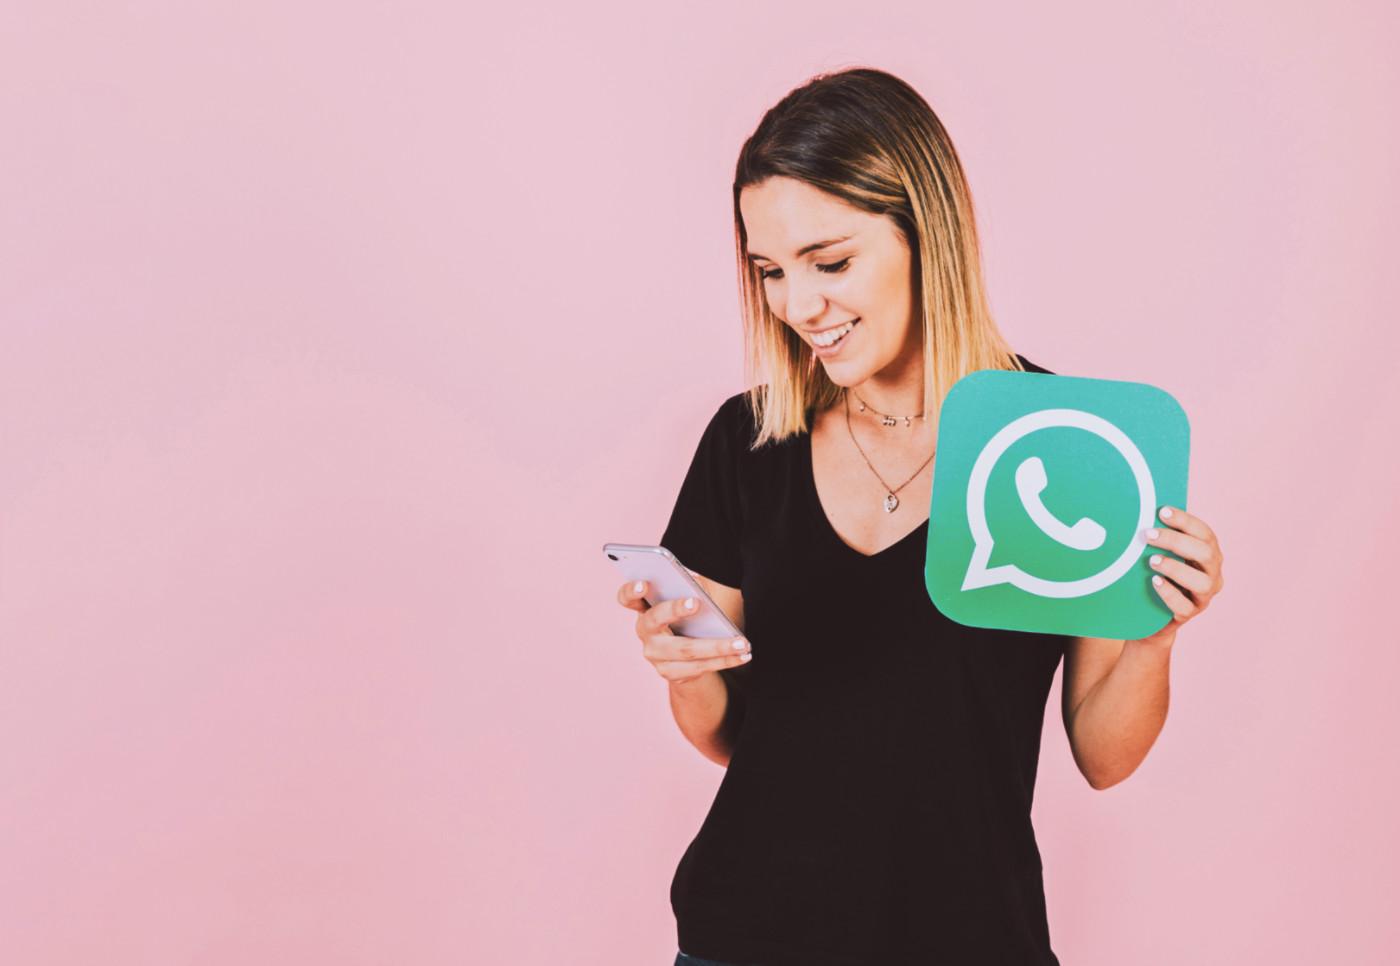 WhatsApp para restaurates: como usar o app para atrair clientes?